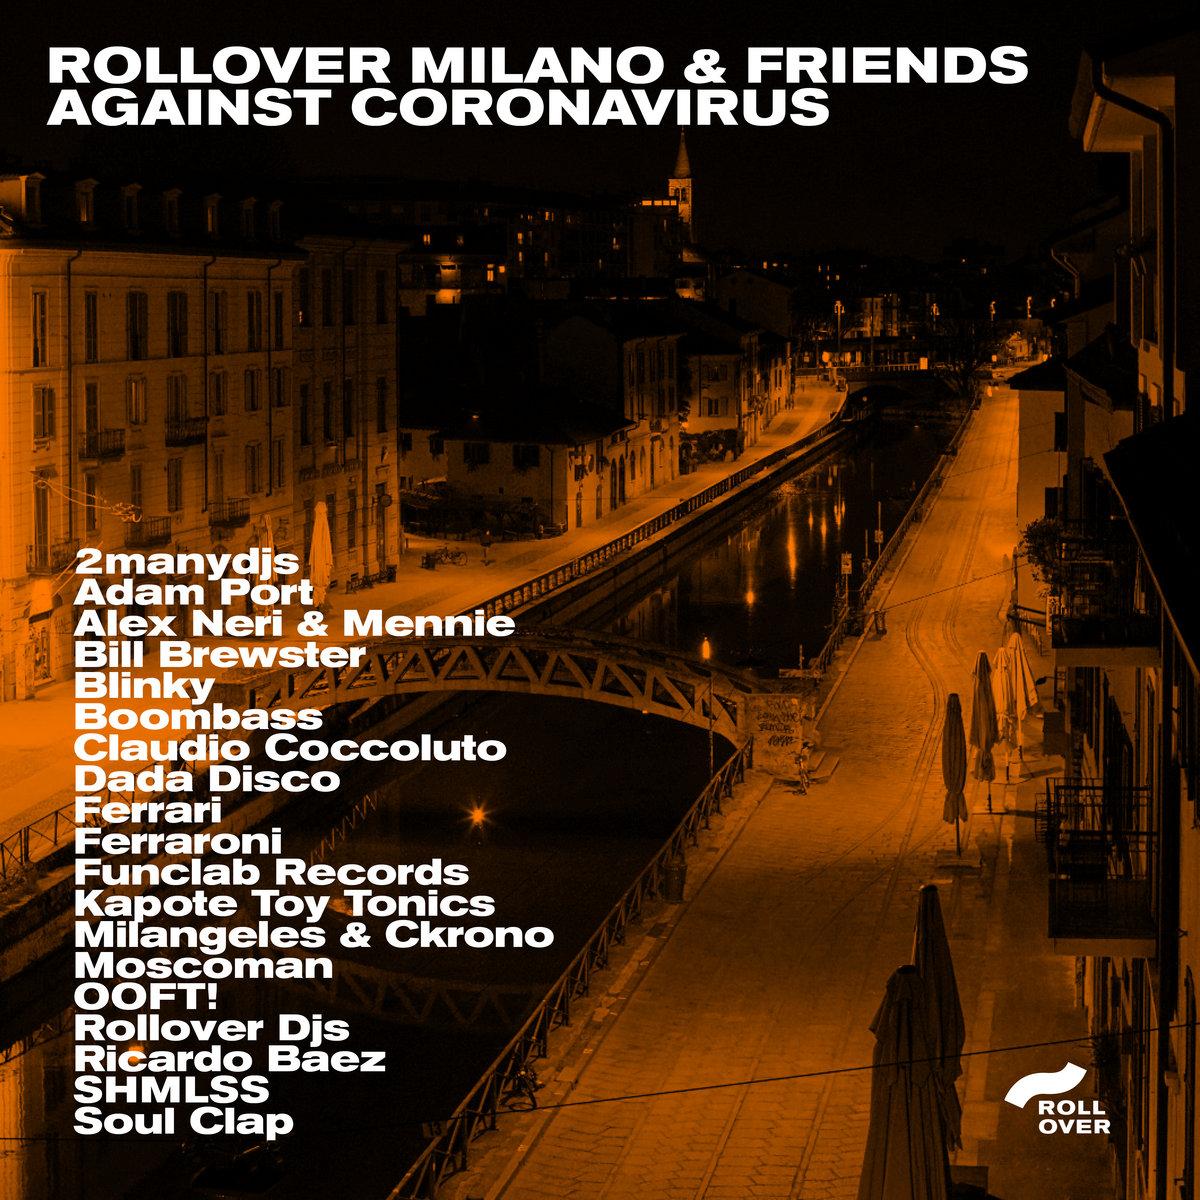 pochette de la compilation Rollover Milano against Coronavirus